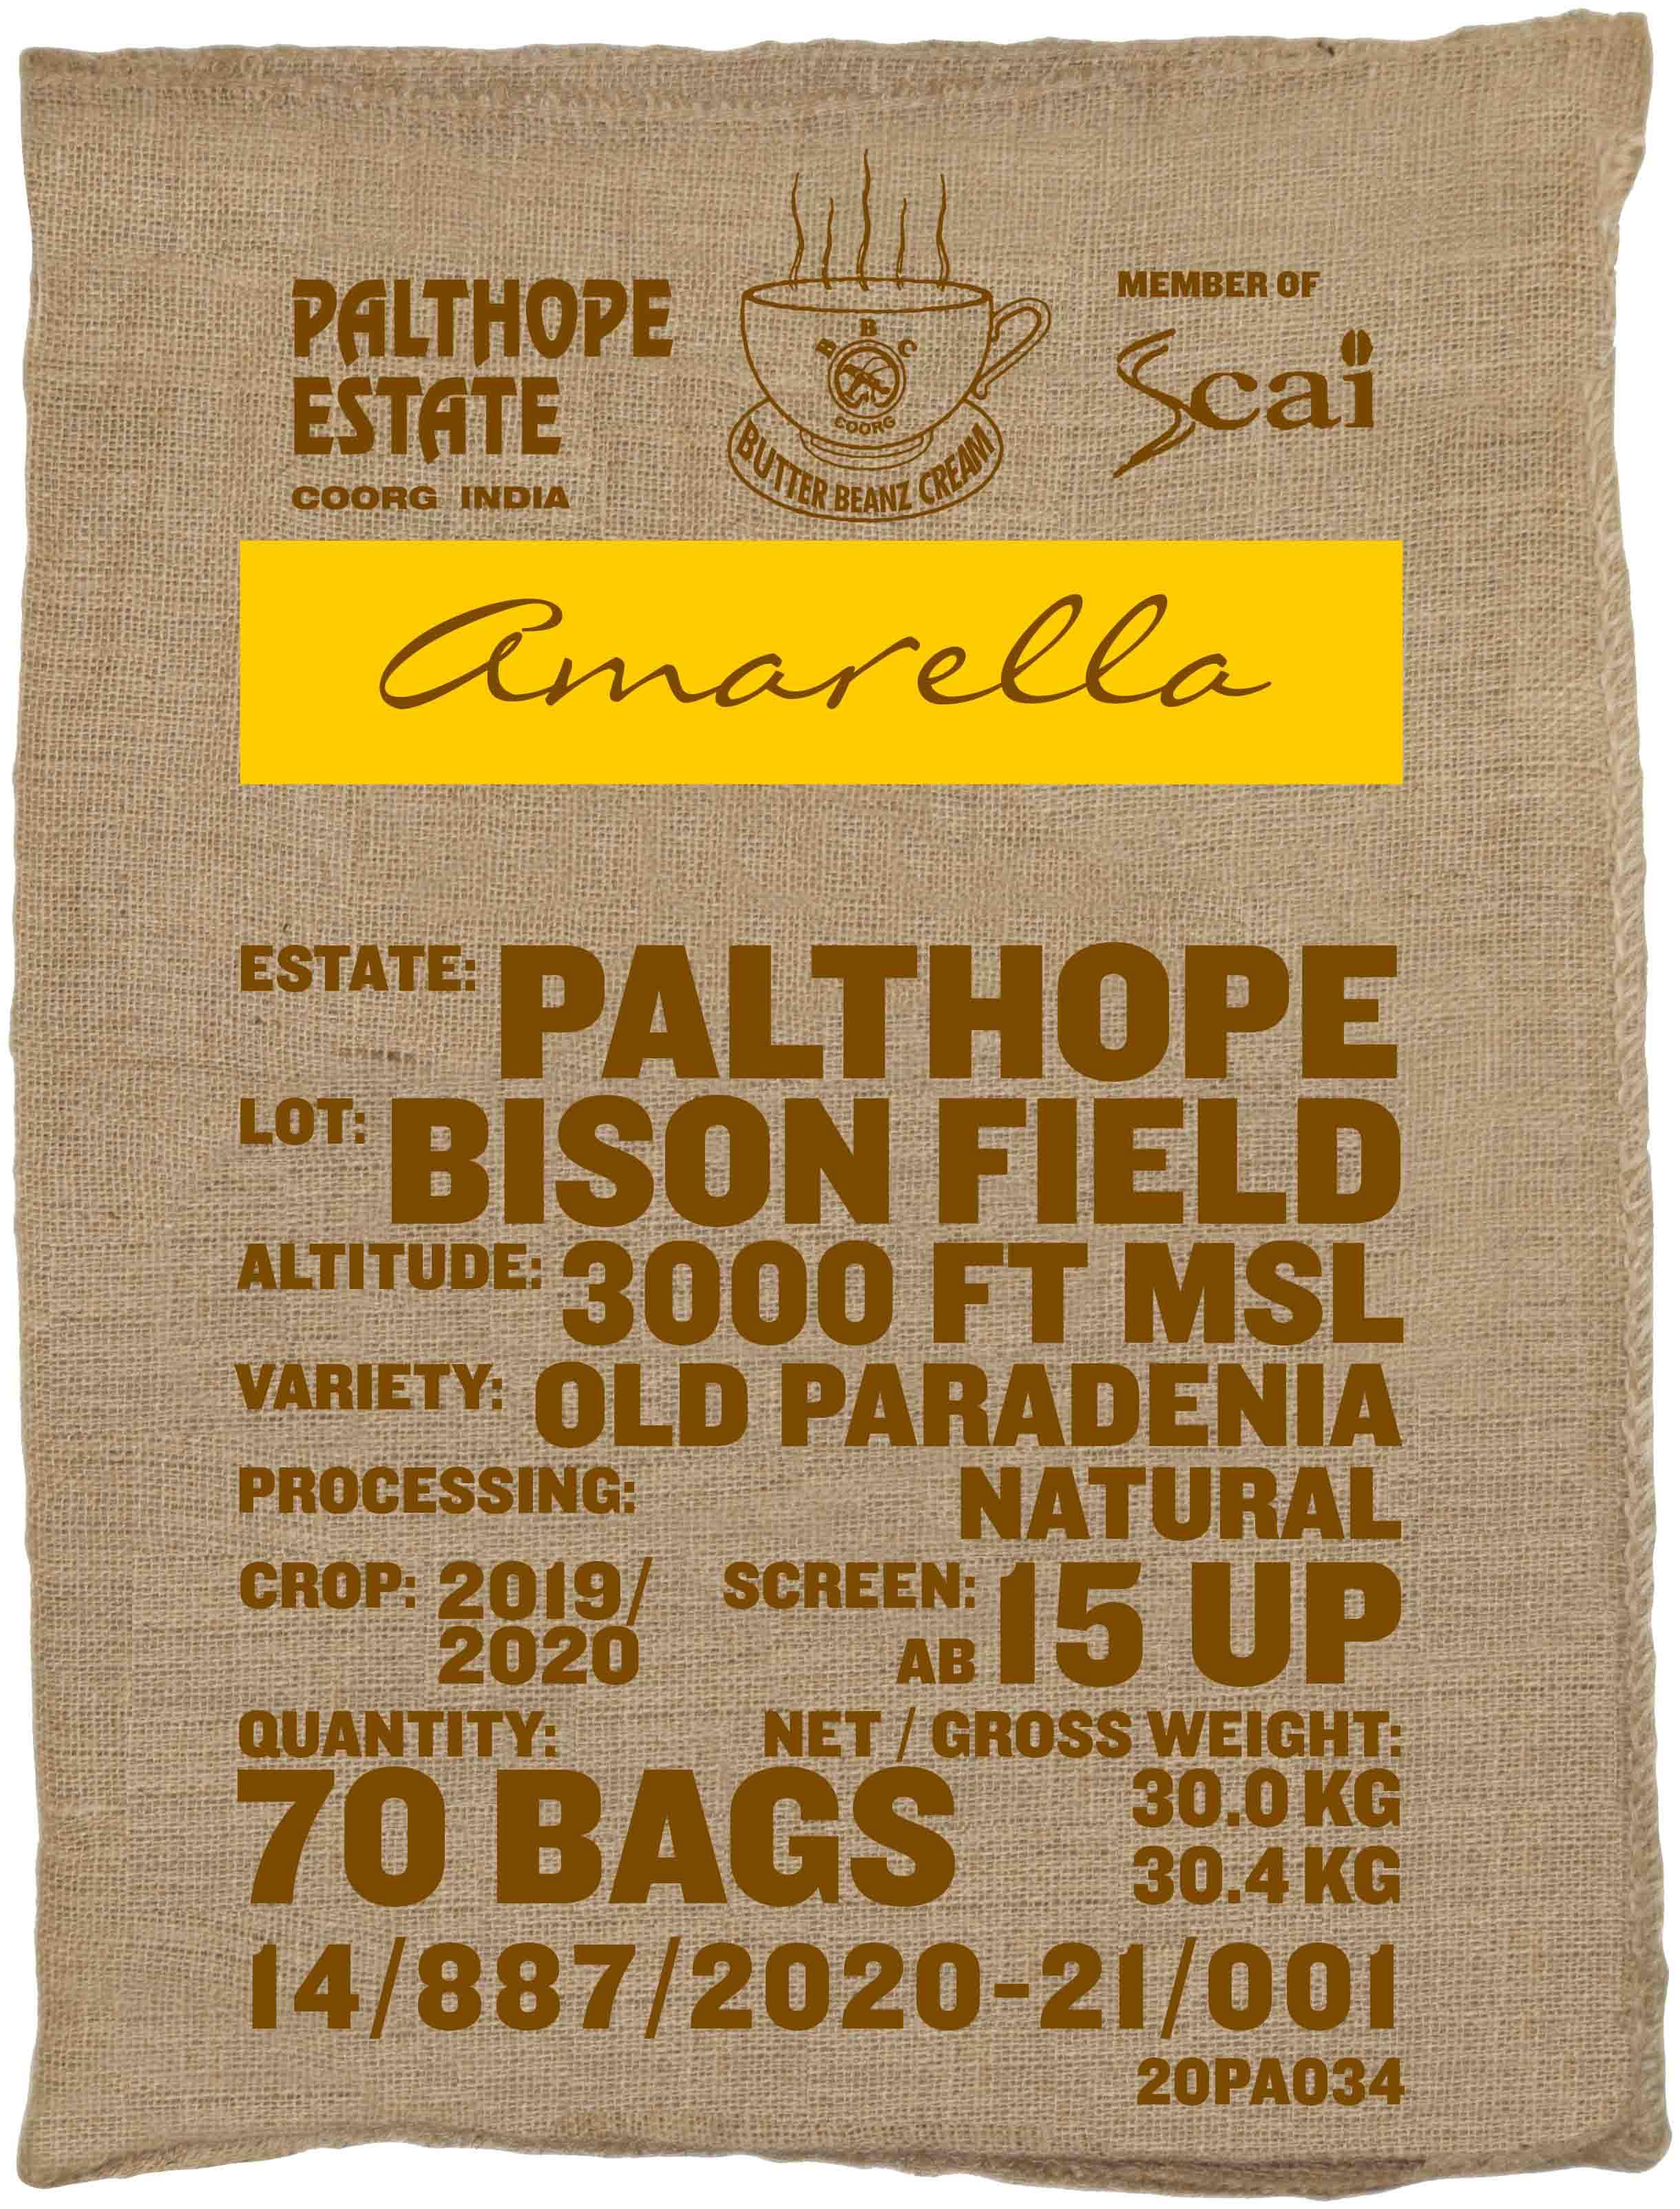 Ein Sack amarella Parzellenkaffee Varietät Old Paradenia. Palthope Estate Lot Bison Field.